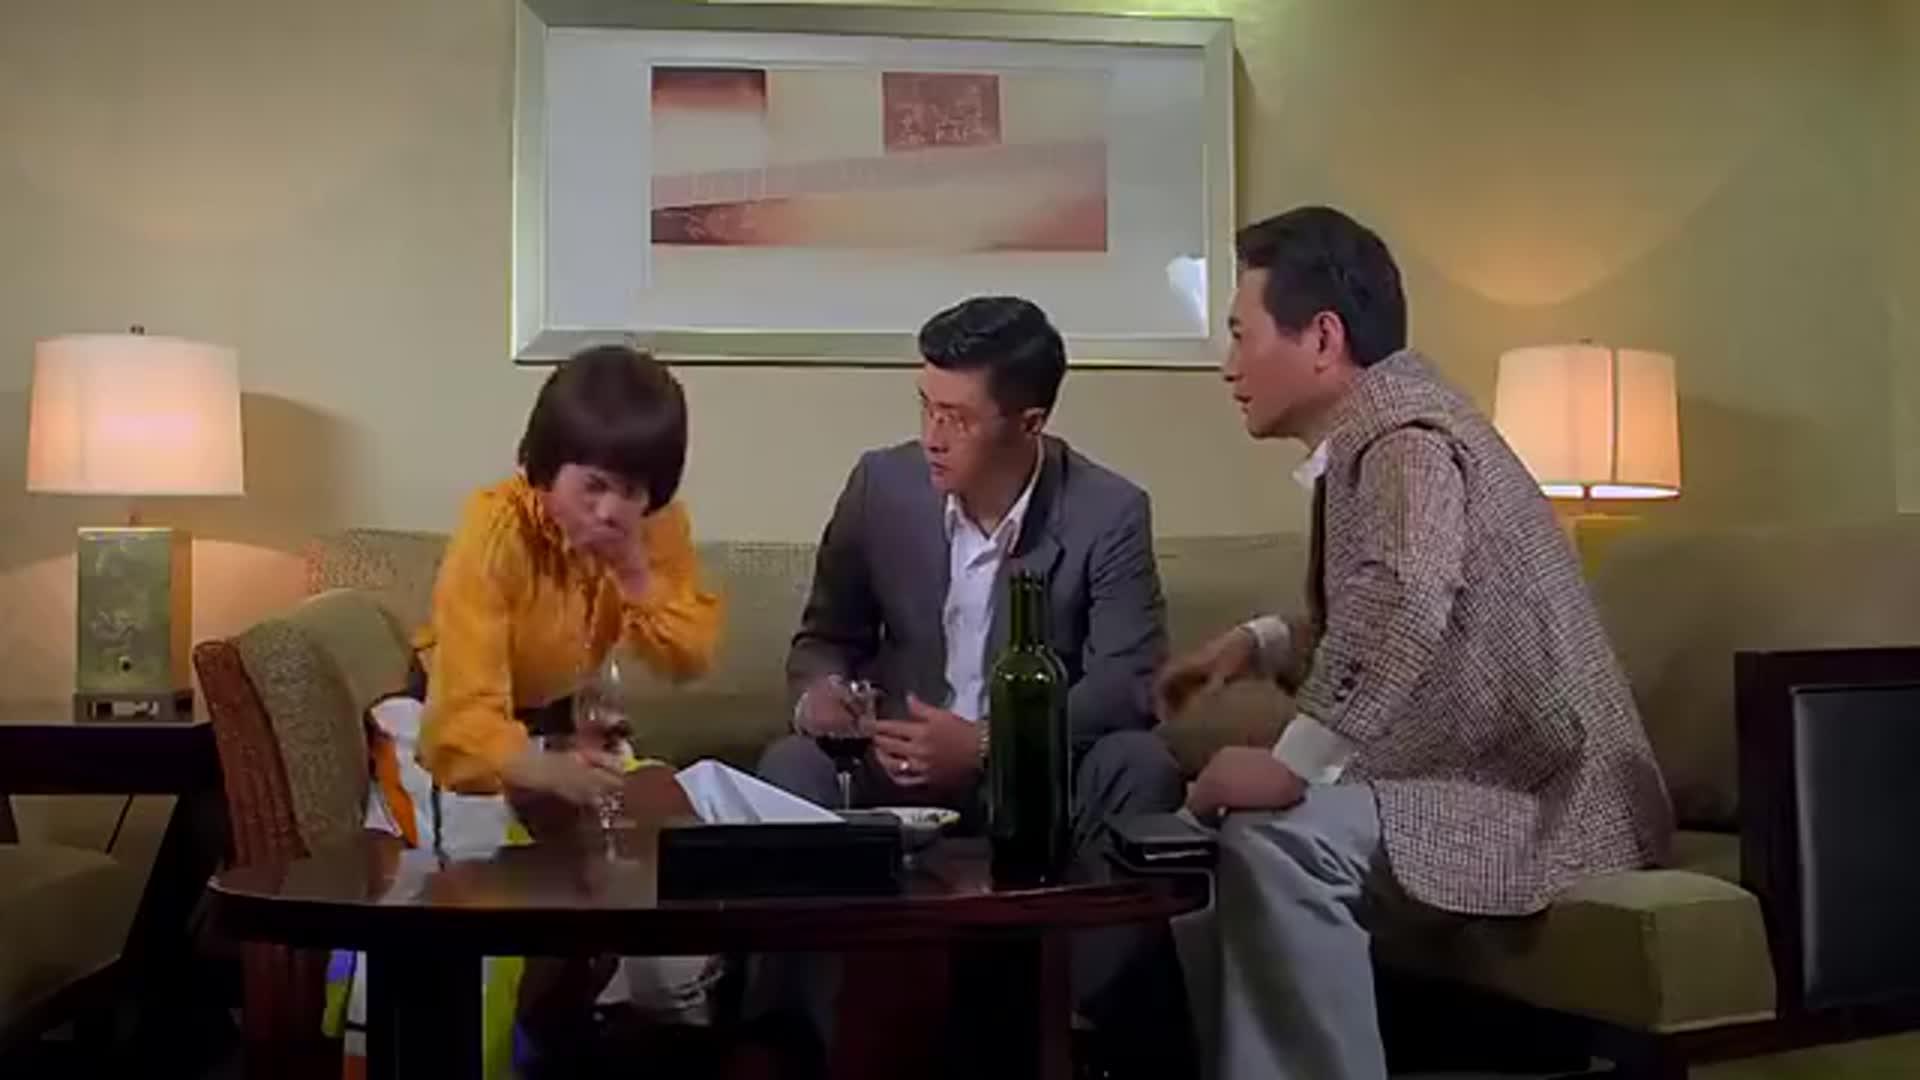 满仓进城:葛红跟邱健明在一起喝酒,不料葛红喝醉了,这下完了